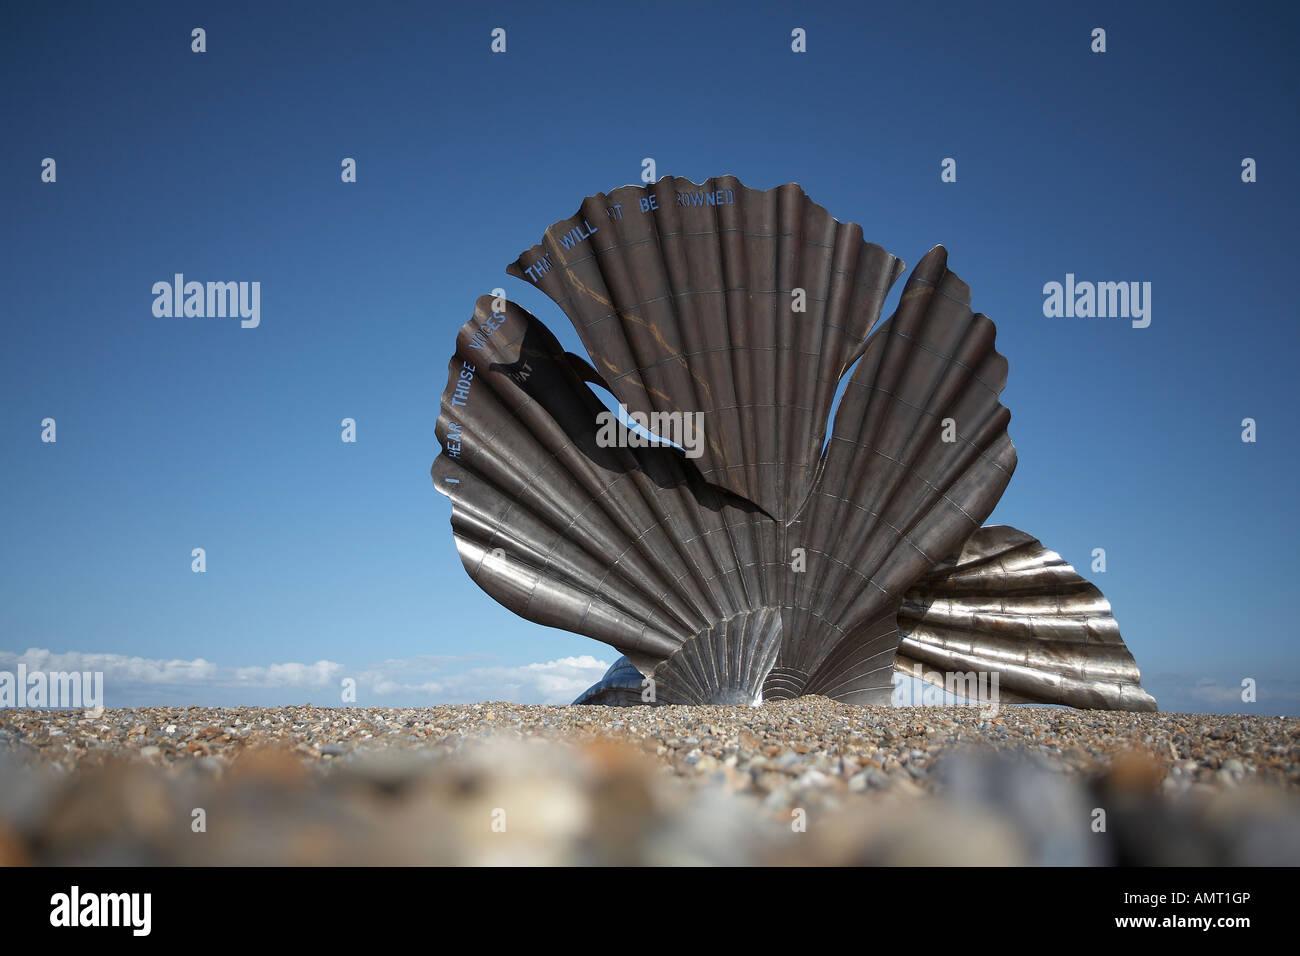 BENJAMIN BRITTEN MAGGI HAMBLING MEMORIAL,ALDEBURGH,SUFFOLK - Stock Image